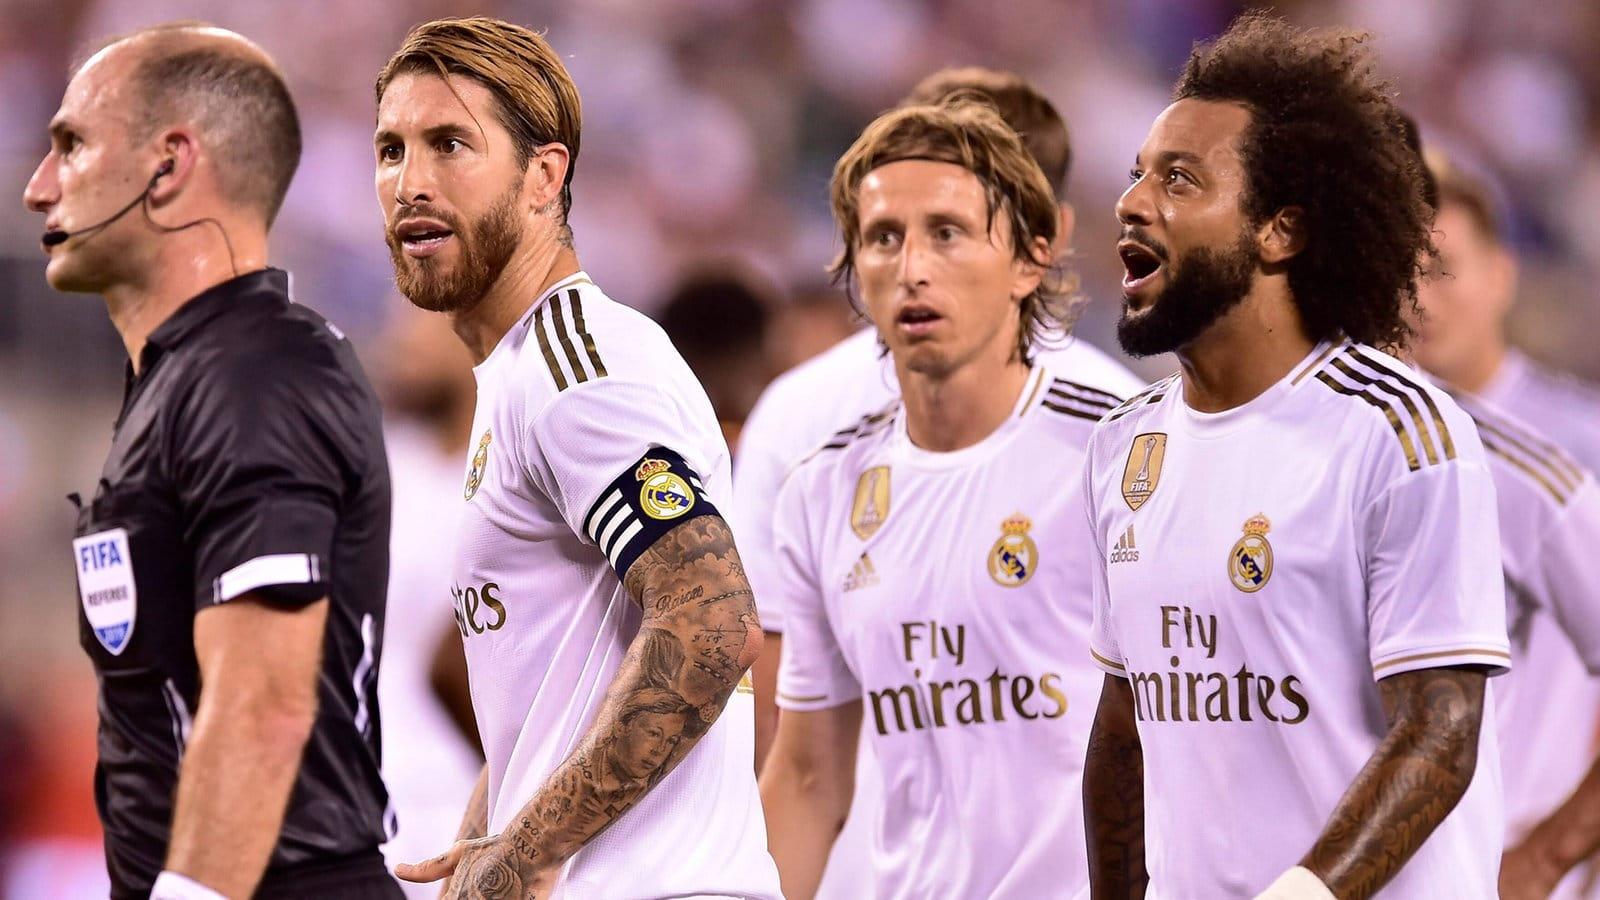 วิเคราะห์ฟุตบอล ออดี้ คัพ 2019   เรอัล มาดริด vs สเปอร์ส 30/07/19